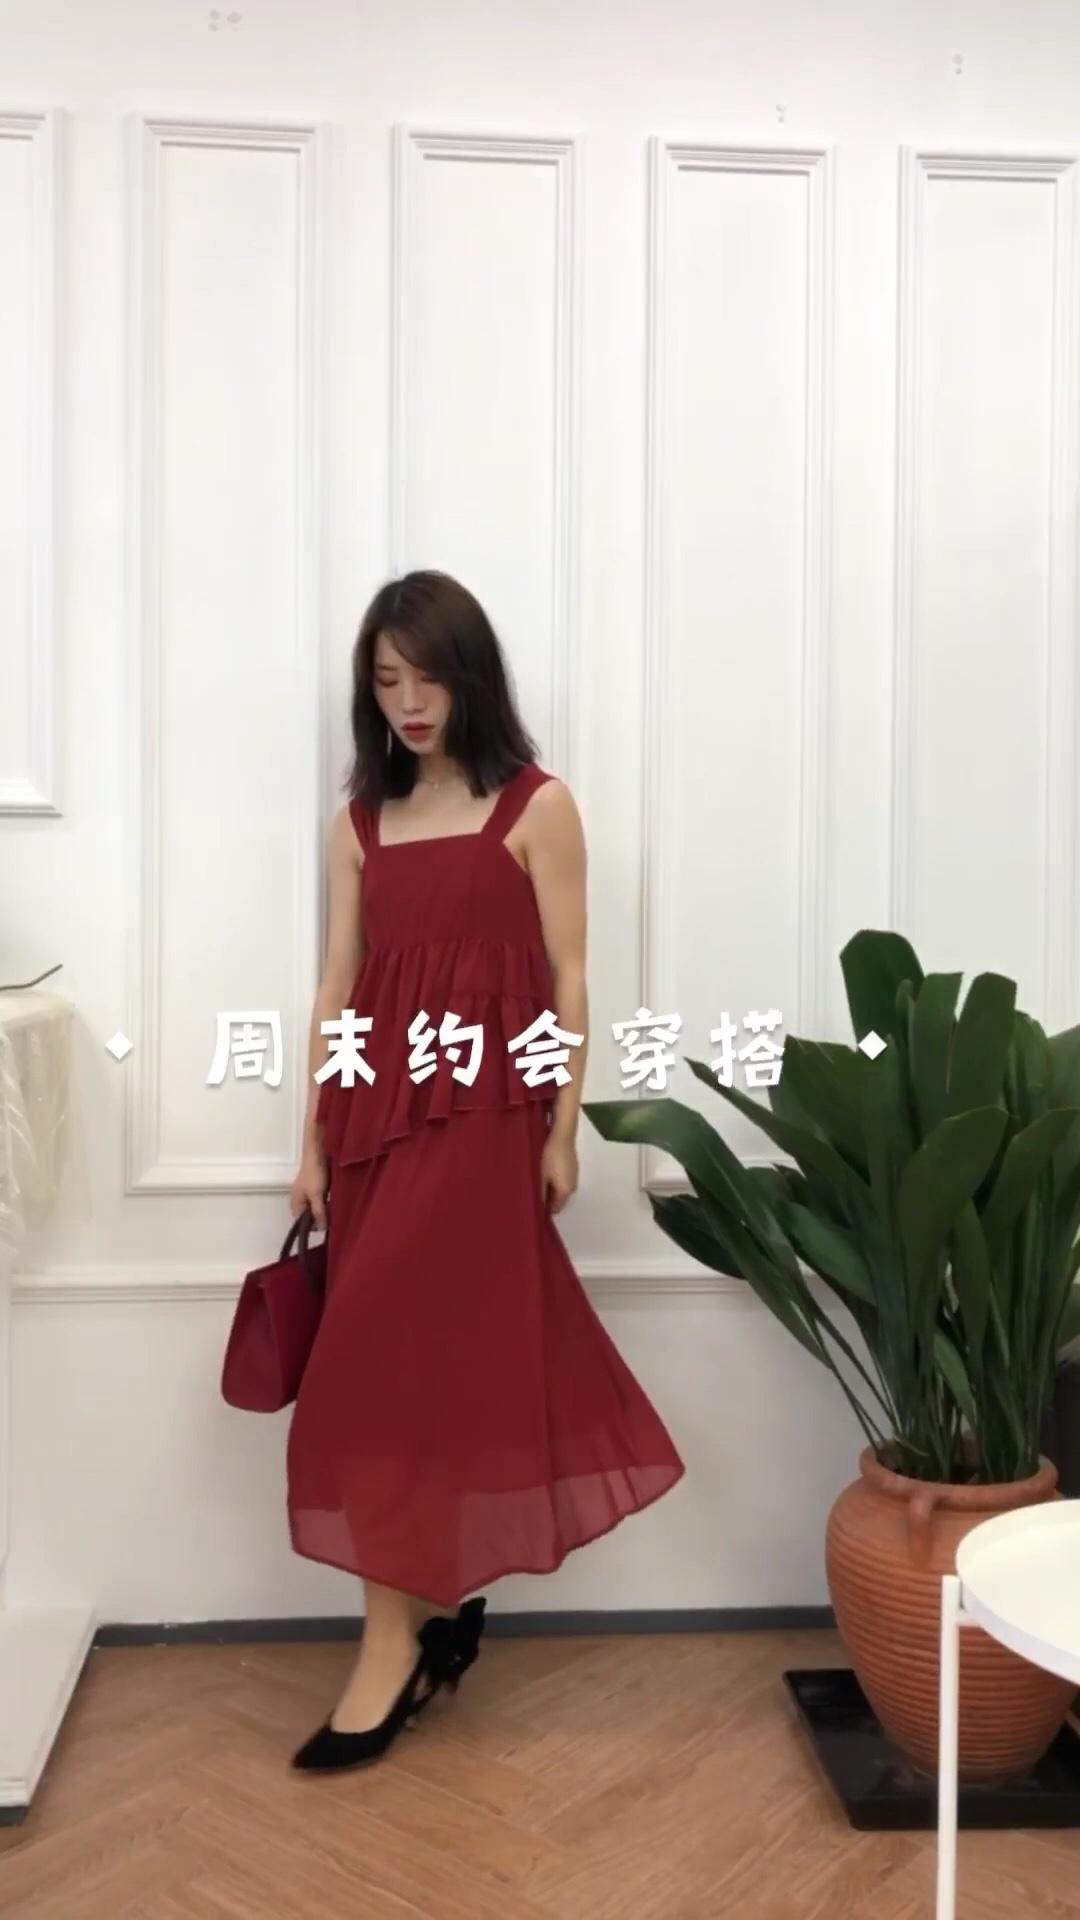 女生穿搭 韩系ins风 超温柔的一条连衣裙~ 这条连衣裙颜色非常显白~ 是吊带款大家还可以在外面加个防晒衣~ 包包我搭配的也是一件红色系跟裙子很搭~ 连衣裙:梅子熟了 包包:STARTOWN 鞋子:她的博物馆 #蘑菇街新品测评#